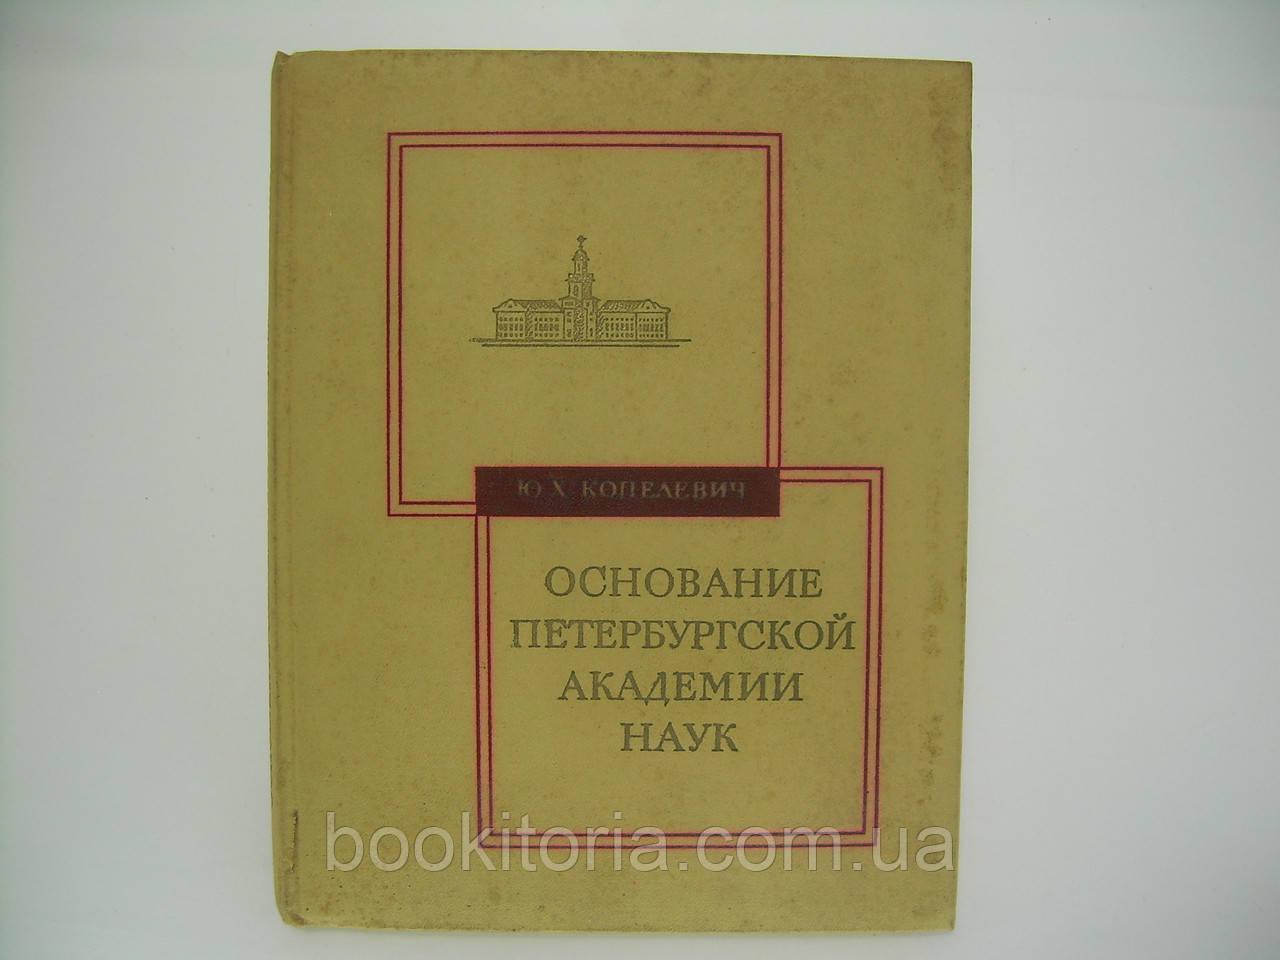 Копелевич Ю.Х. и др. Основание Петербургской Академии Наук (б/у).